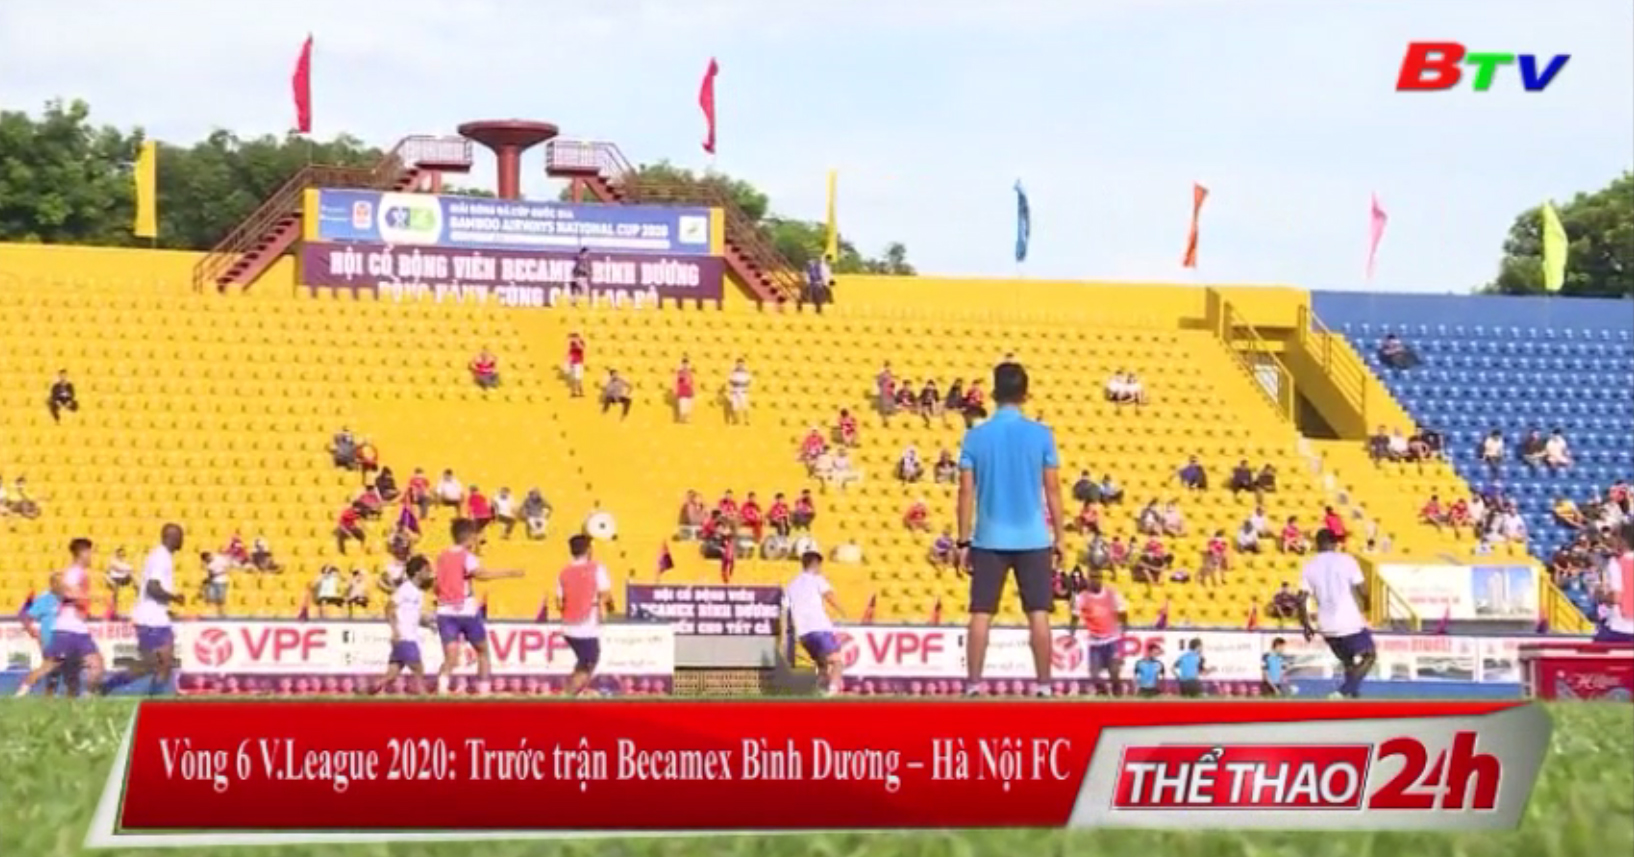 Vòng 6 V-League 2020 – Trước trận Becamex Bình Dương - Hà Nội FC